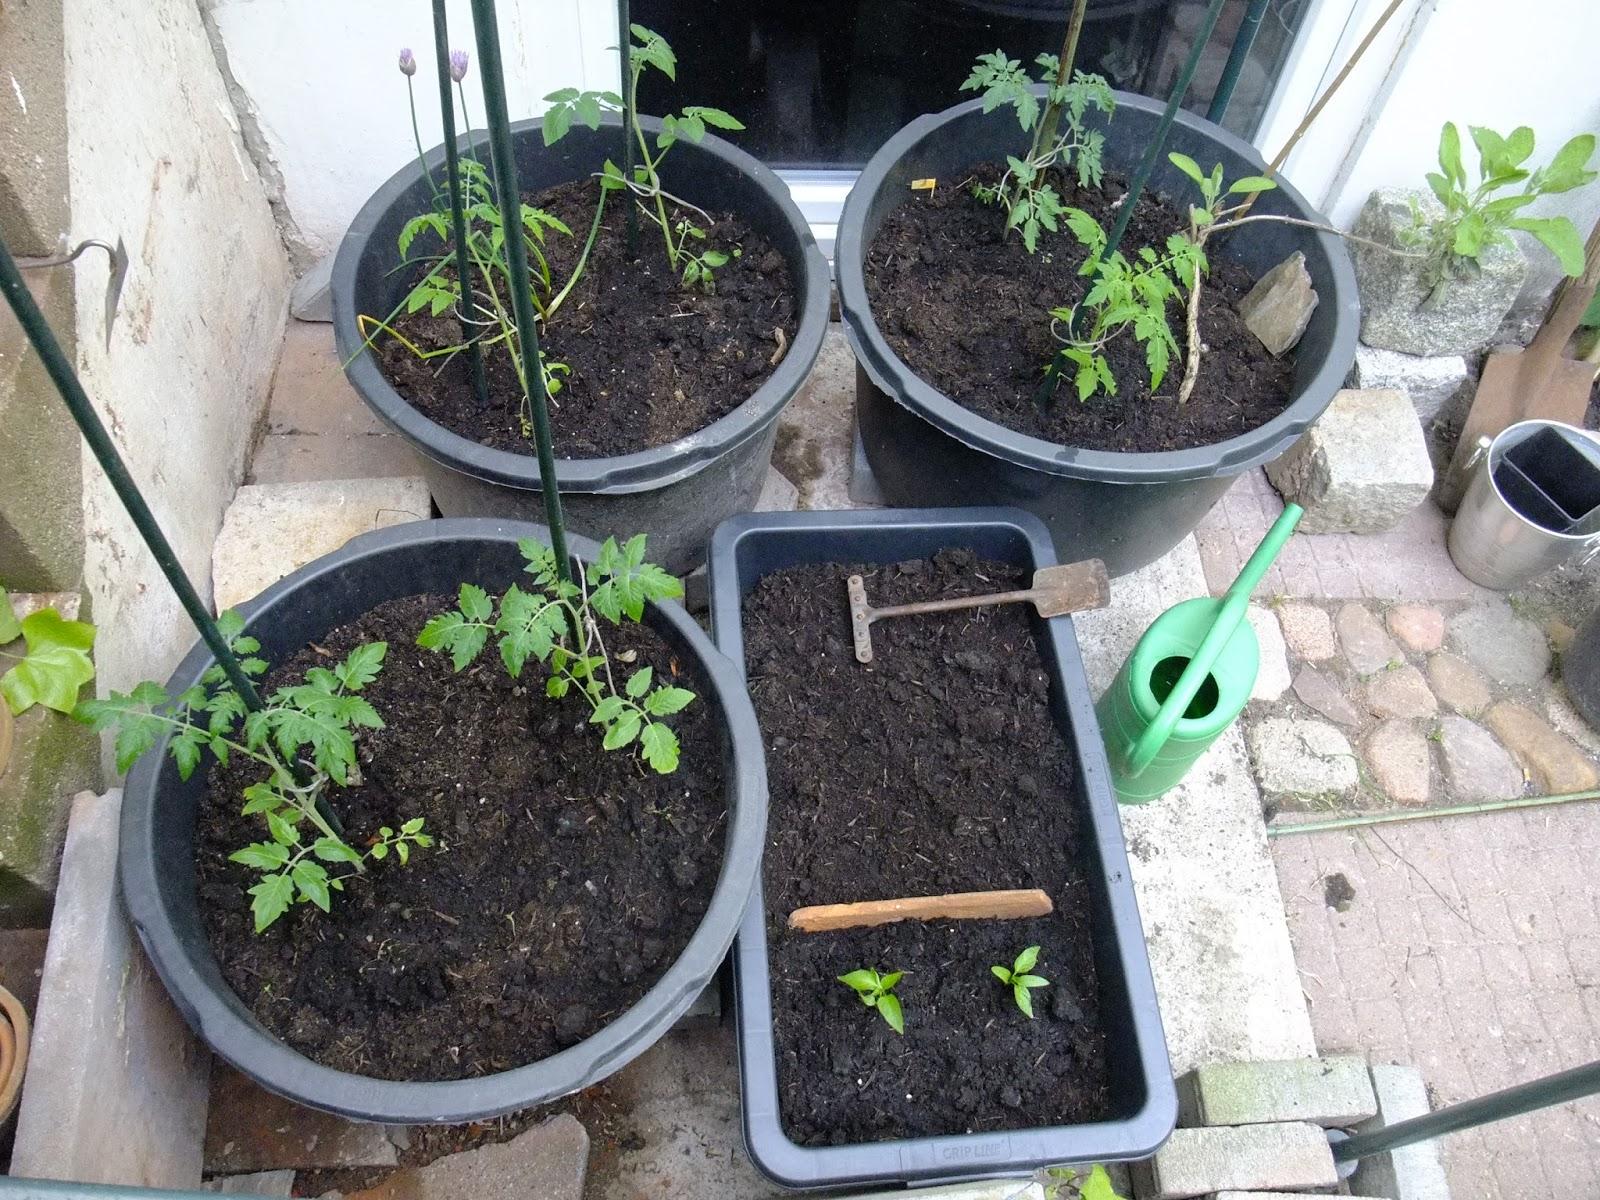 Klettergerüst Tomate : Teamworkart: gärtnern und bloggen update nach 6 wochen :